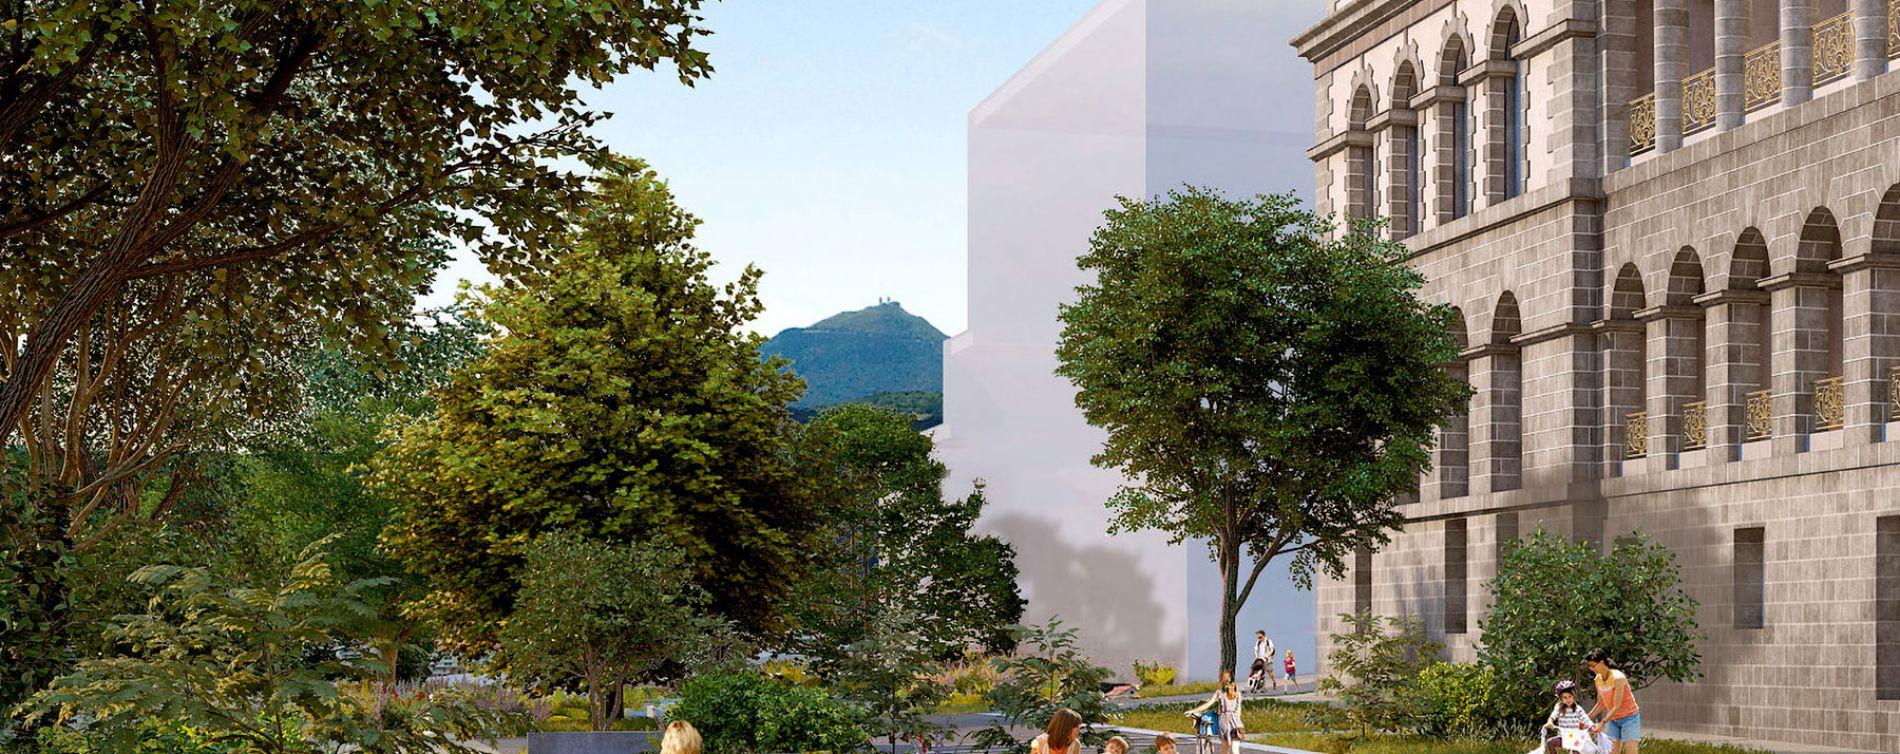 Résidence Hôtel Dieu - Les Pavillons à Clermont-Ferrand